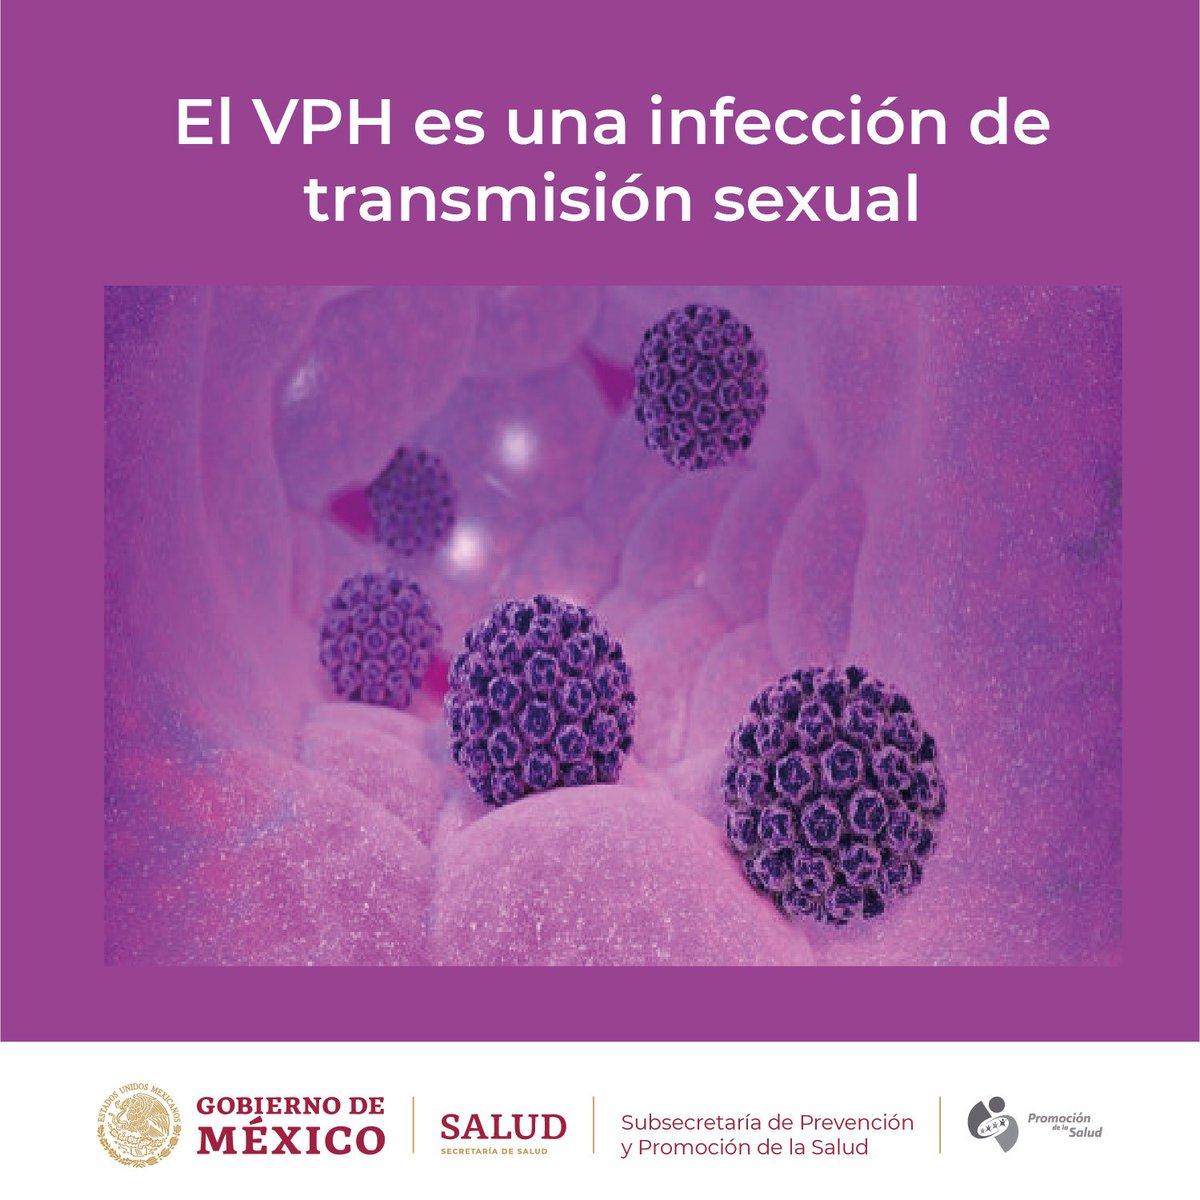 Infecţia cu HPV şi riscul de cancer de col uterin: căi de transmitere, simptome şi tratament